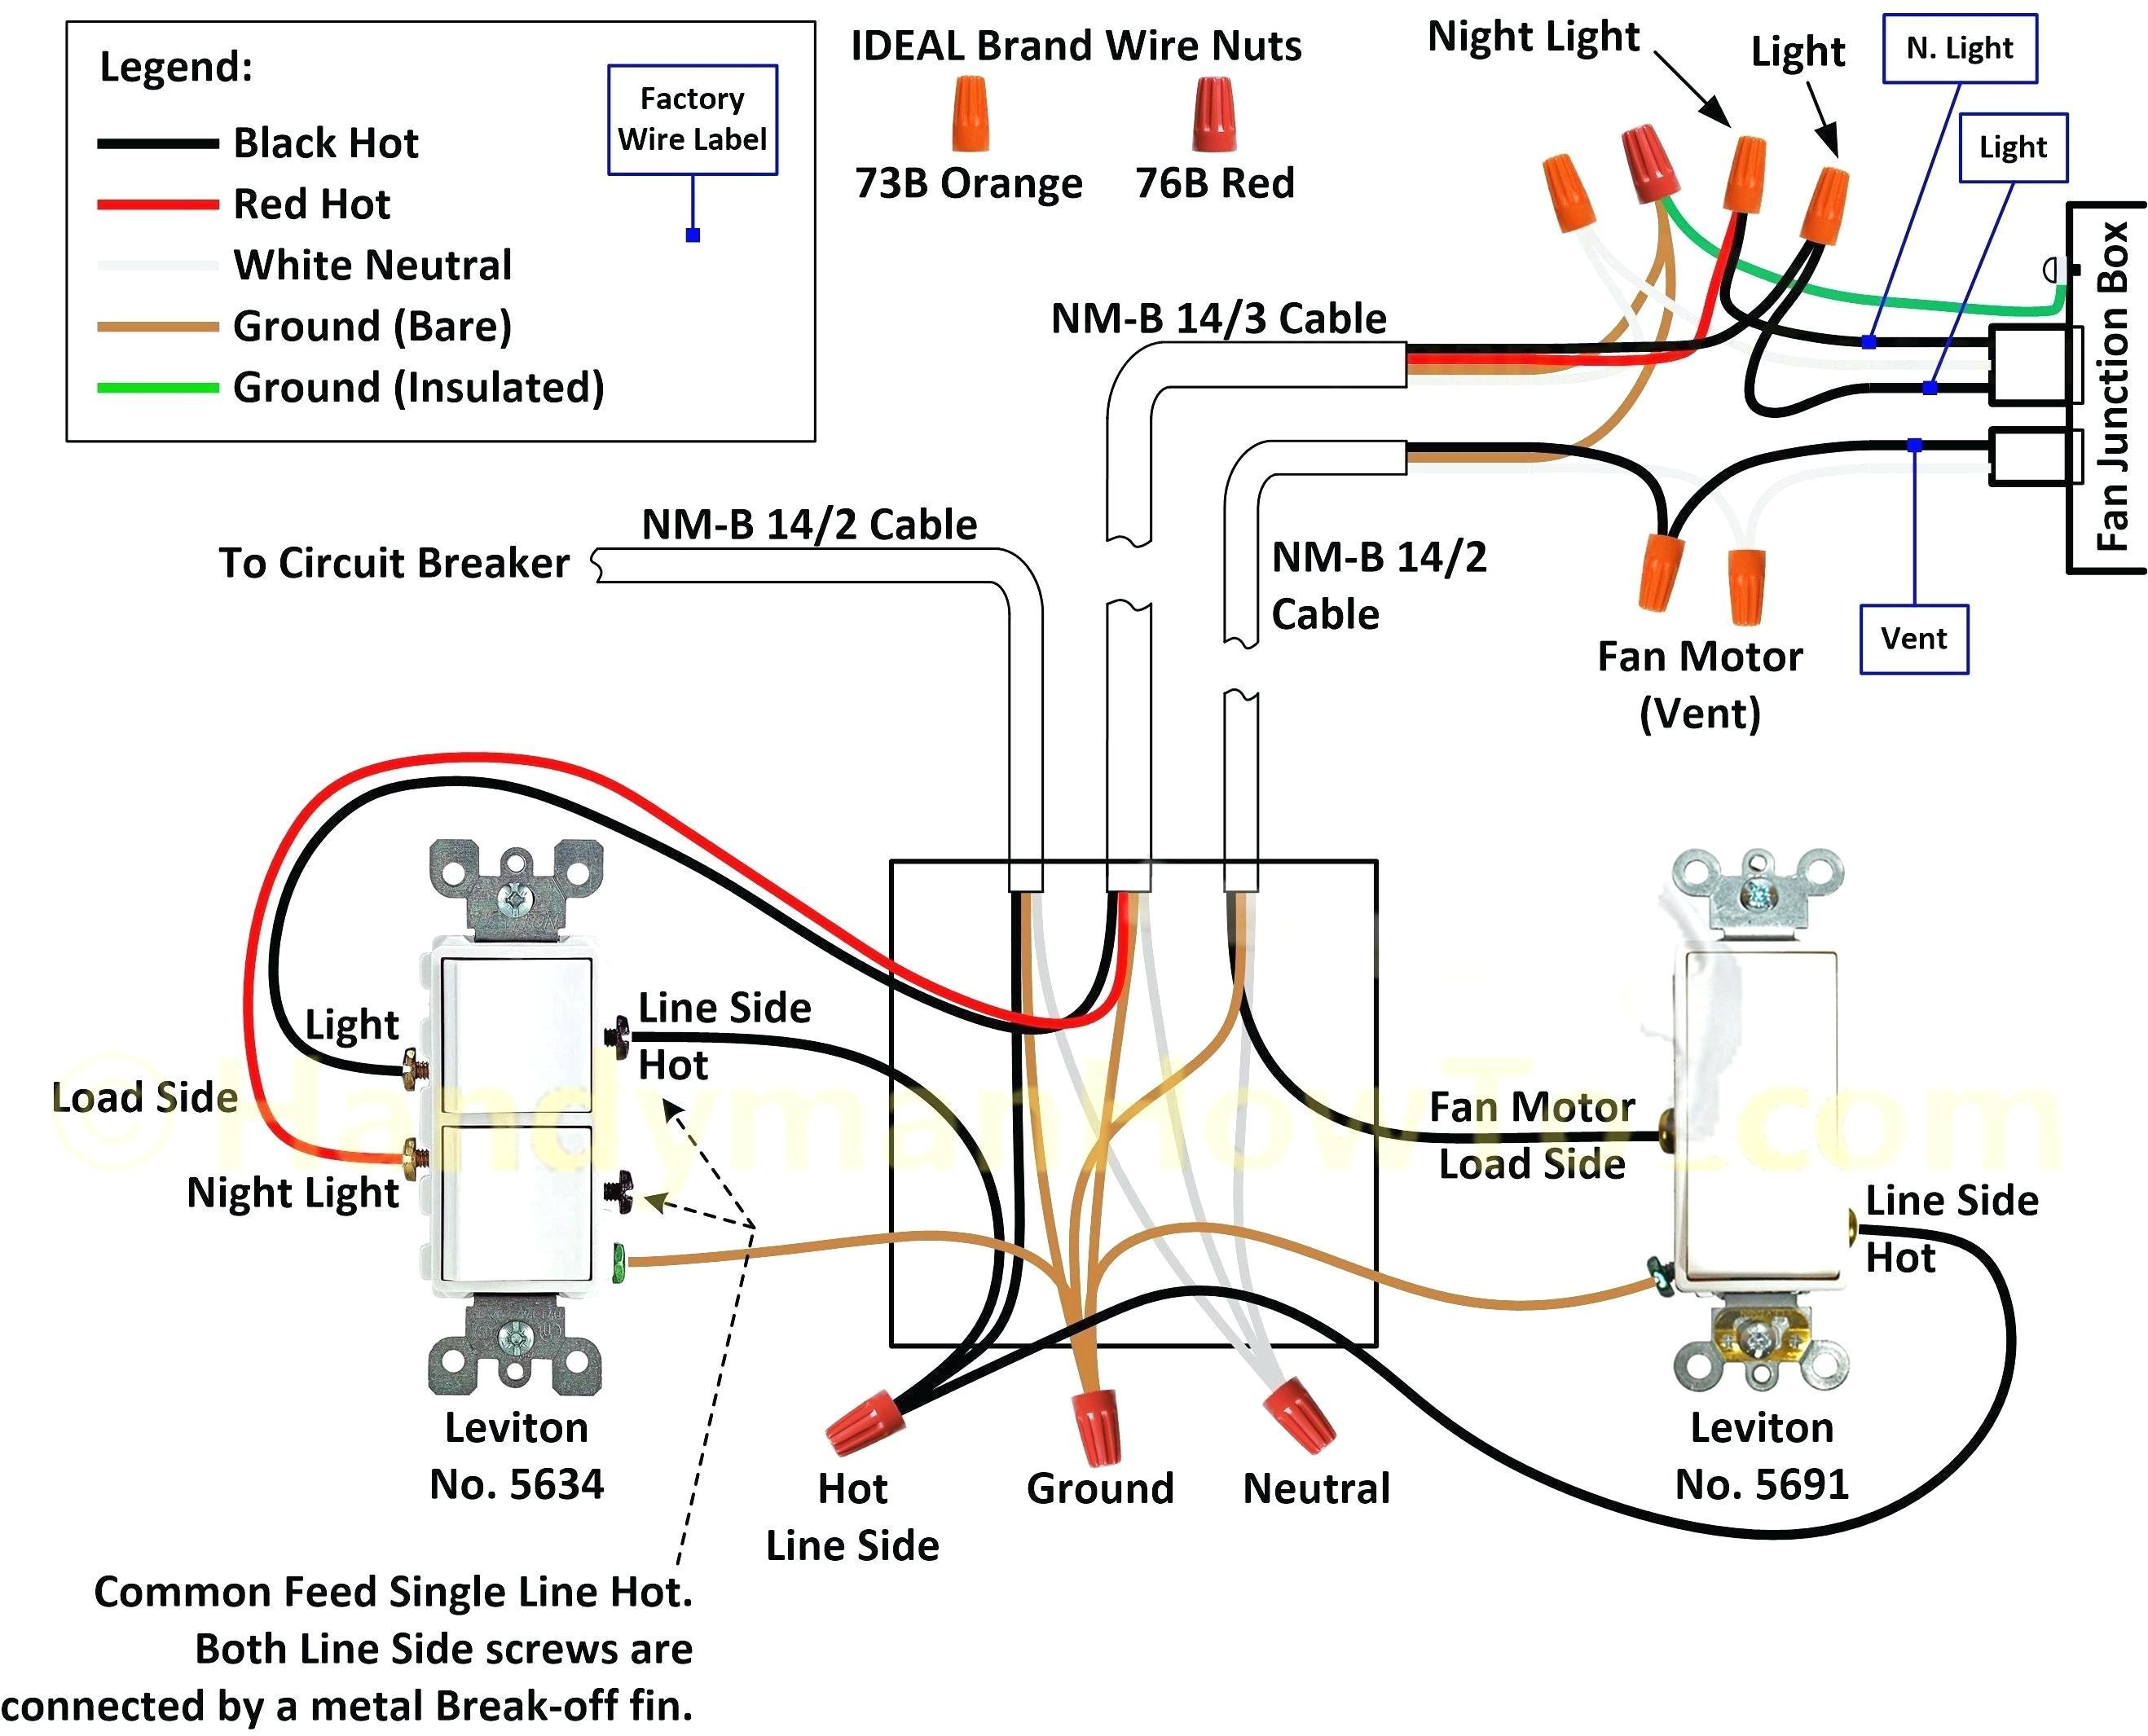 an schematic to schematic wiring a gfci wiring diagram wiring diagram for ceiling fan an schematic